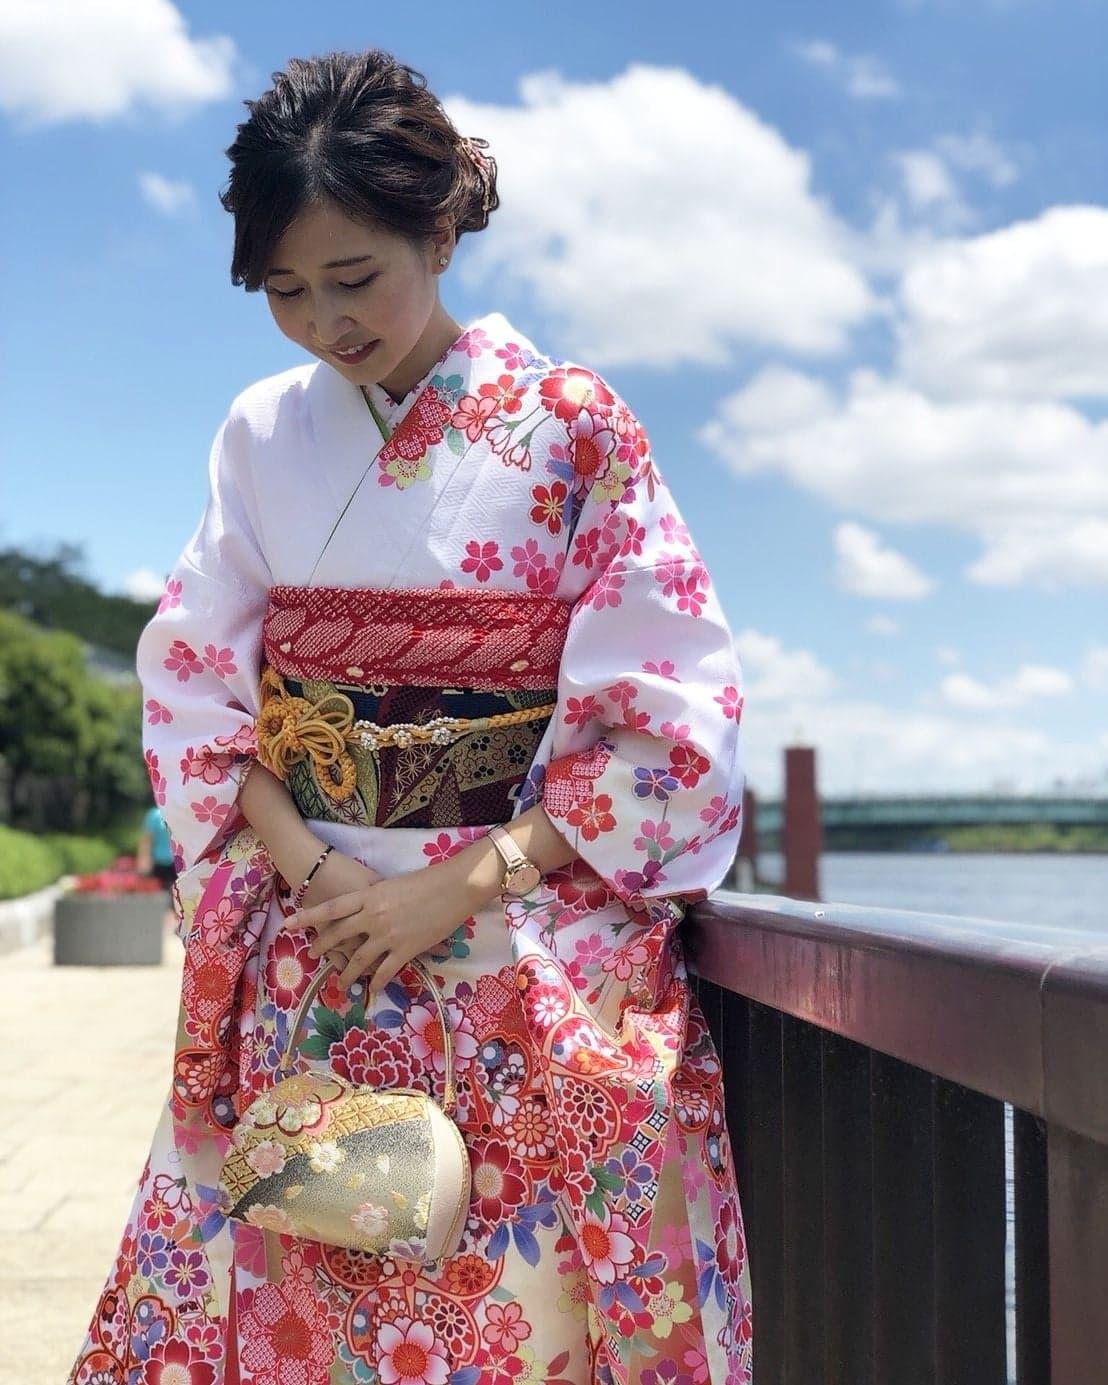 Hành trình 1 năm thay đổi cuộc đời trên đất Nhật của cô gái Việt - Ảnh 3.